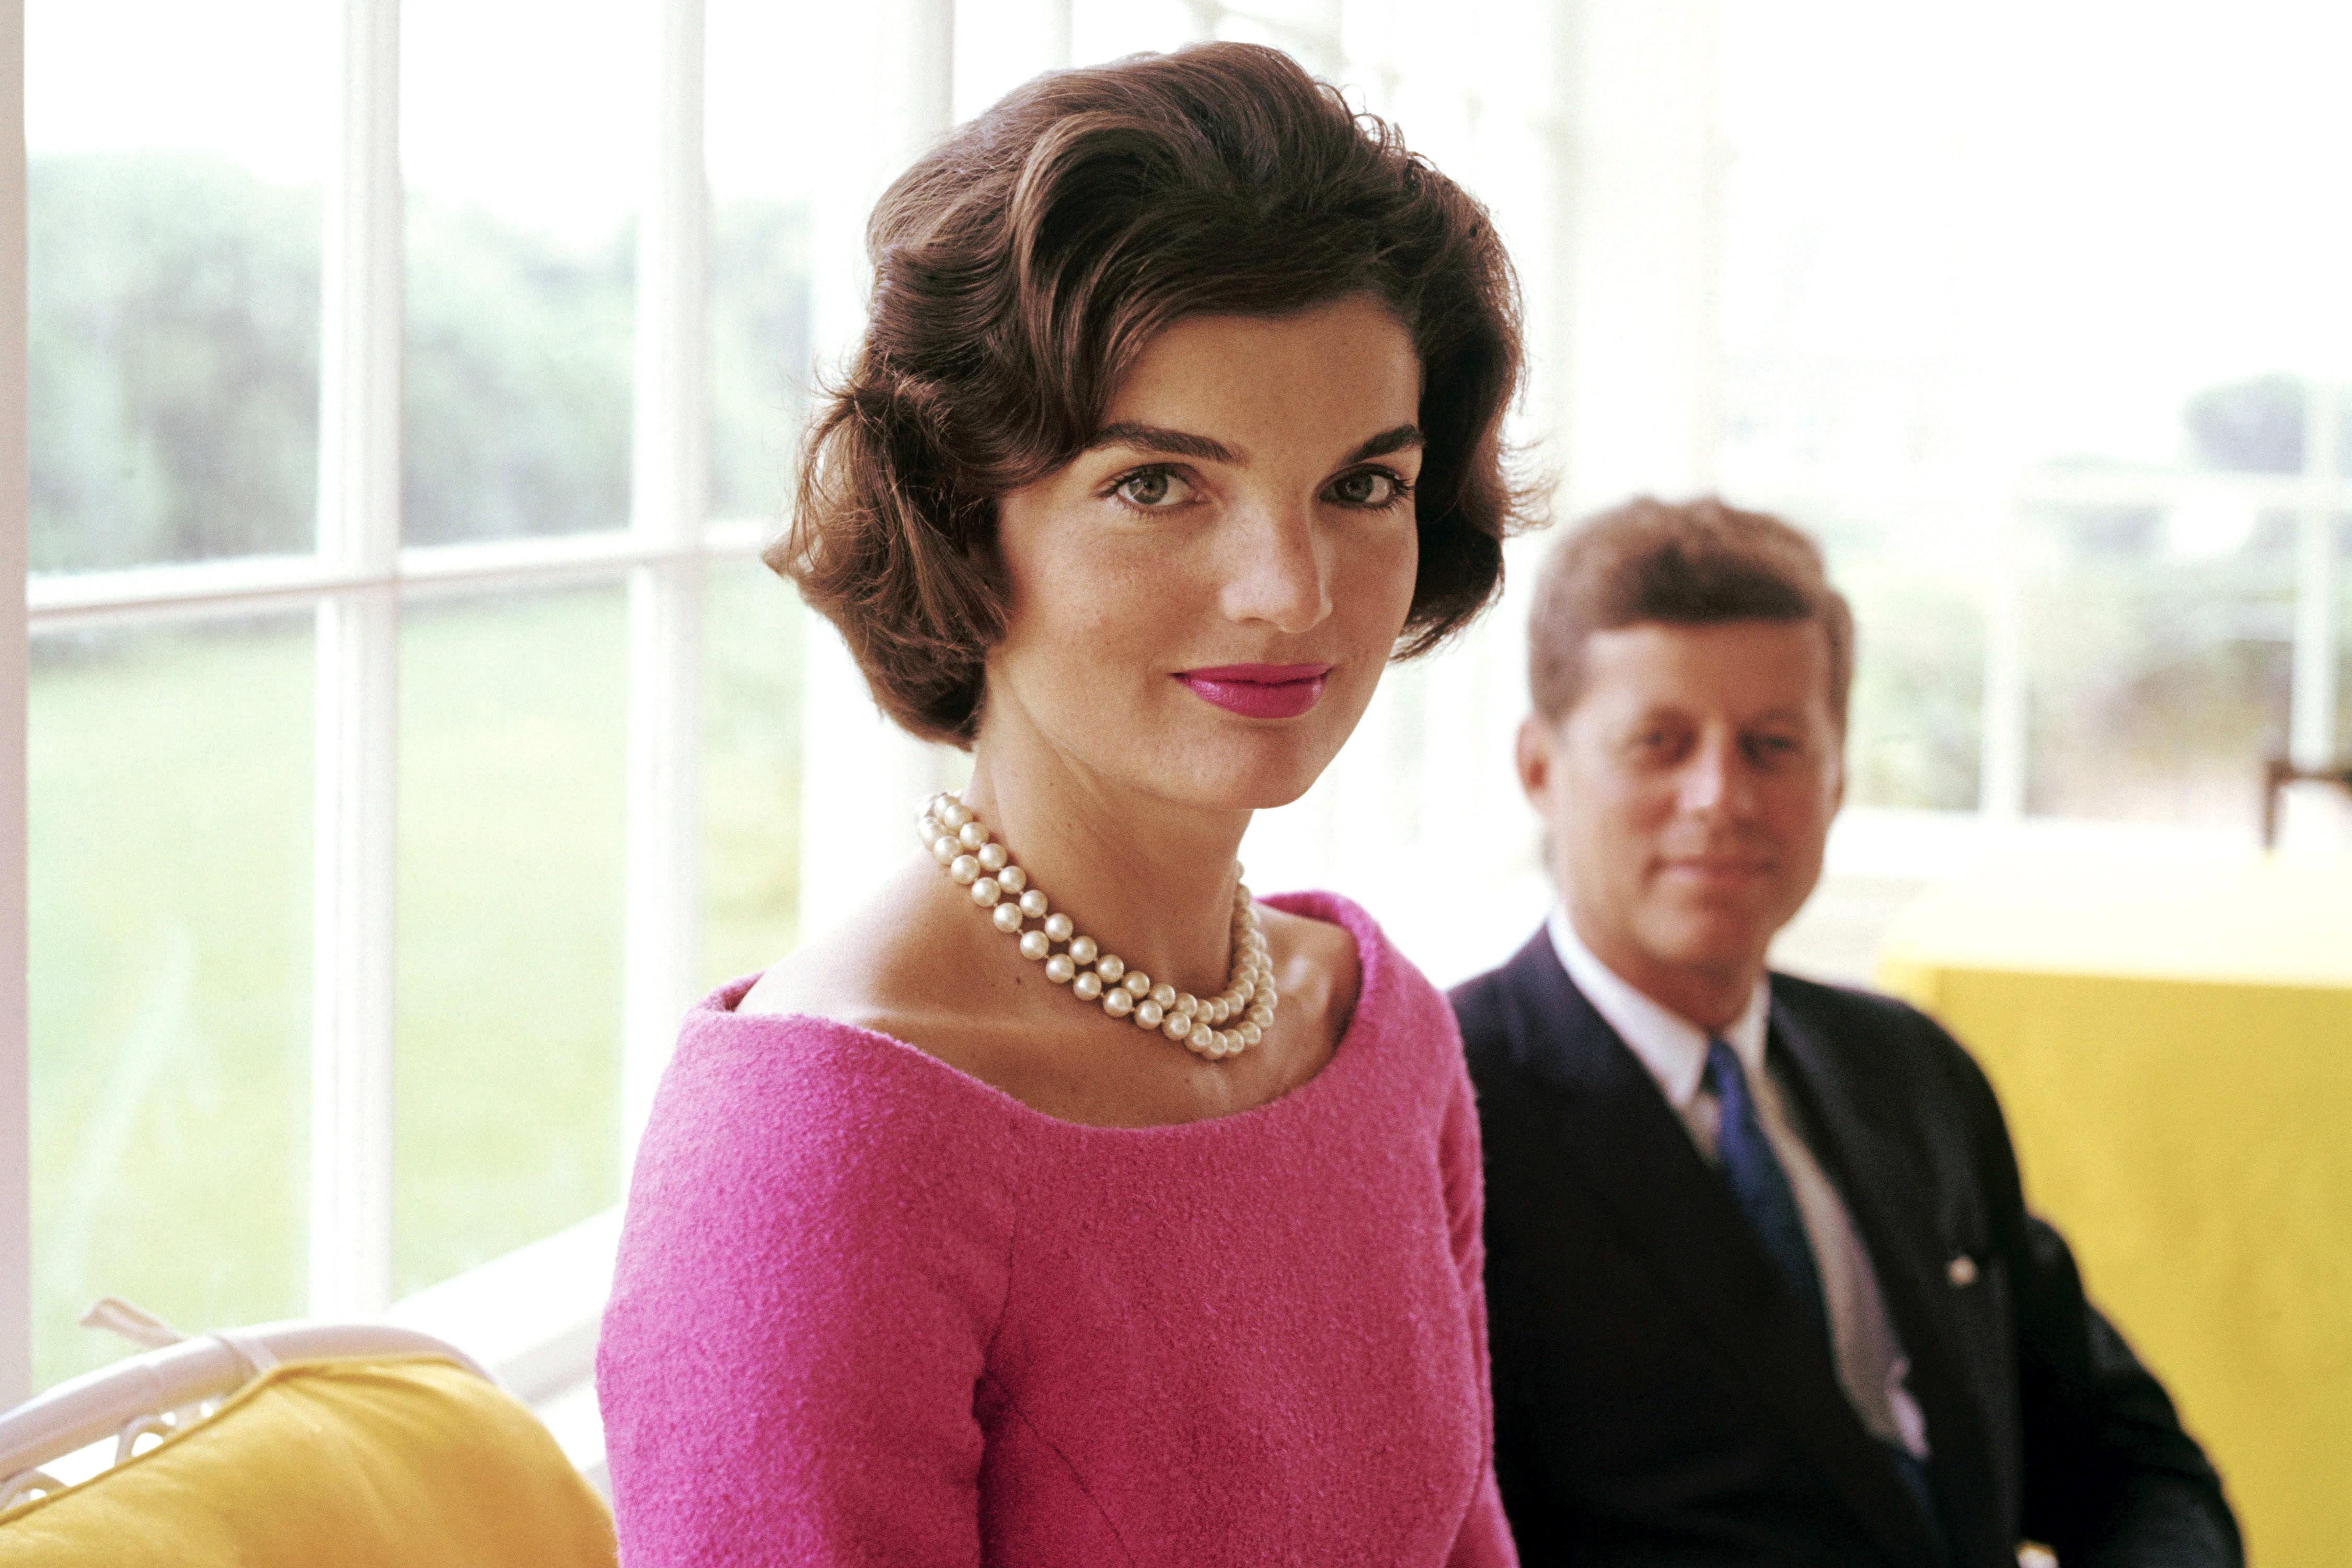 Le sopracciglia di Jackie Kennedy